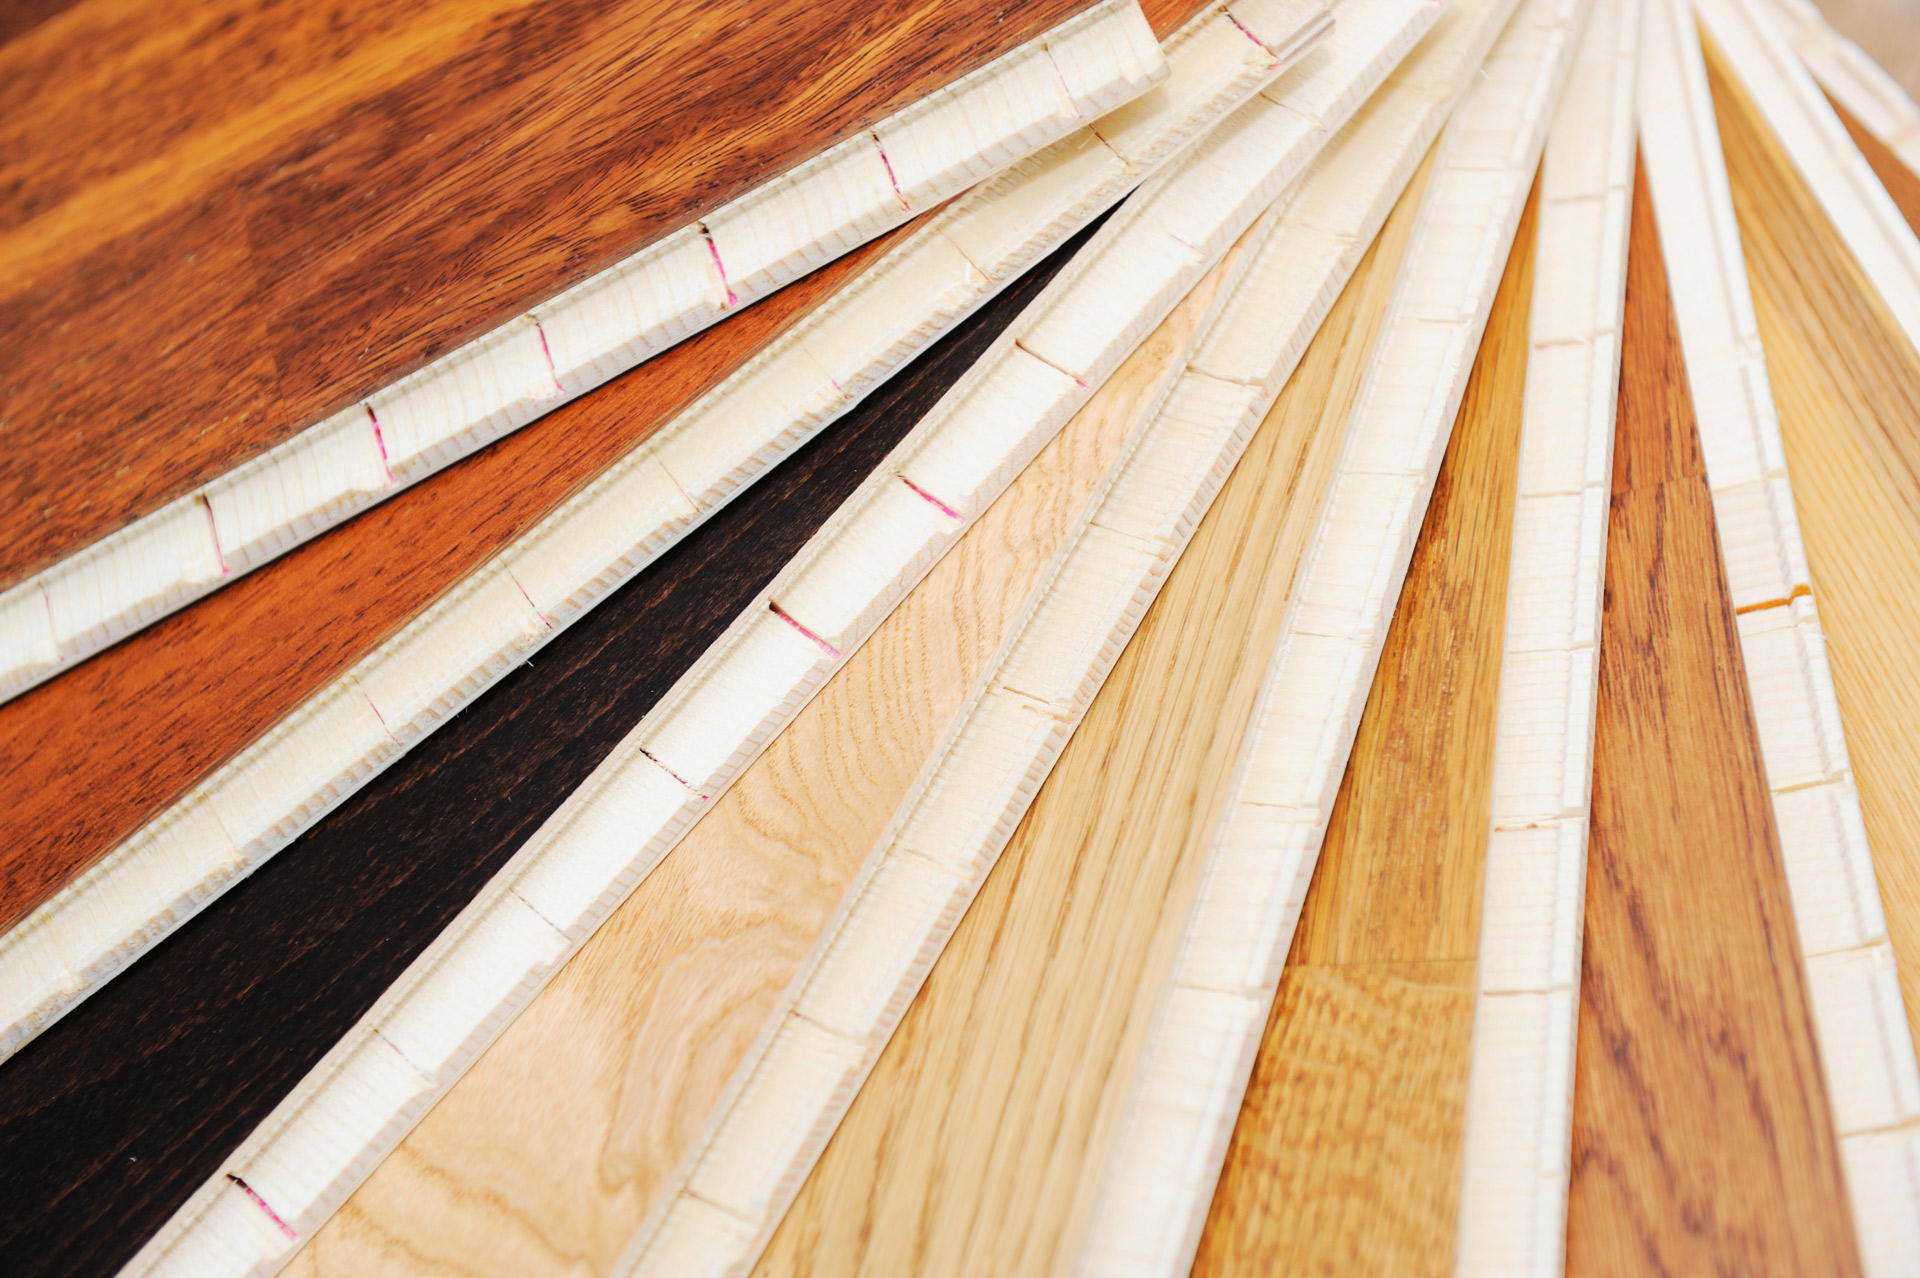 Artigiana arredamenti pavimenti scale arredi in legno for Arredi in legno